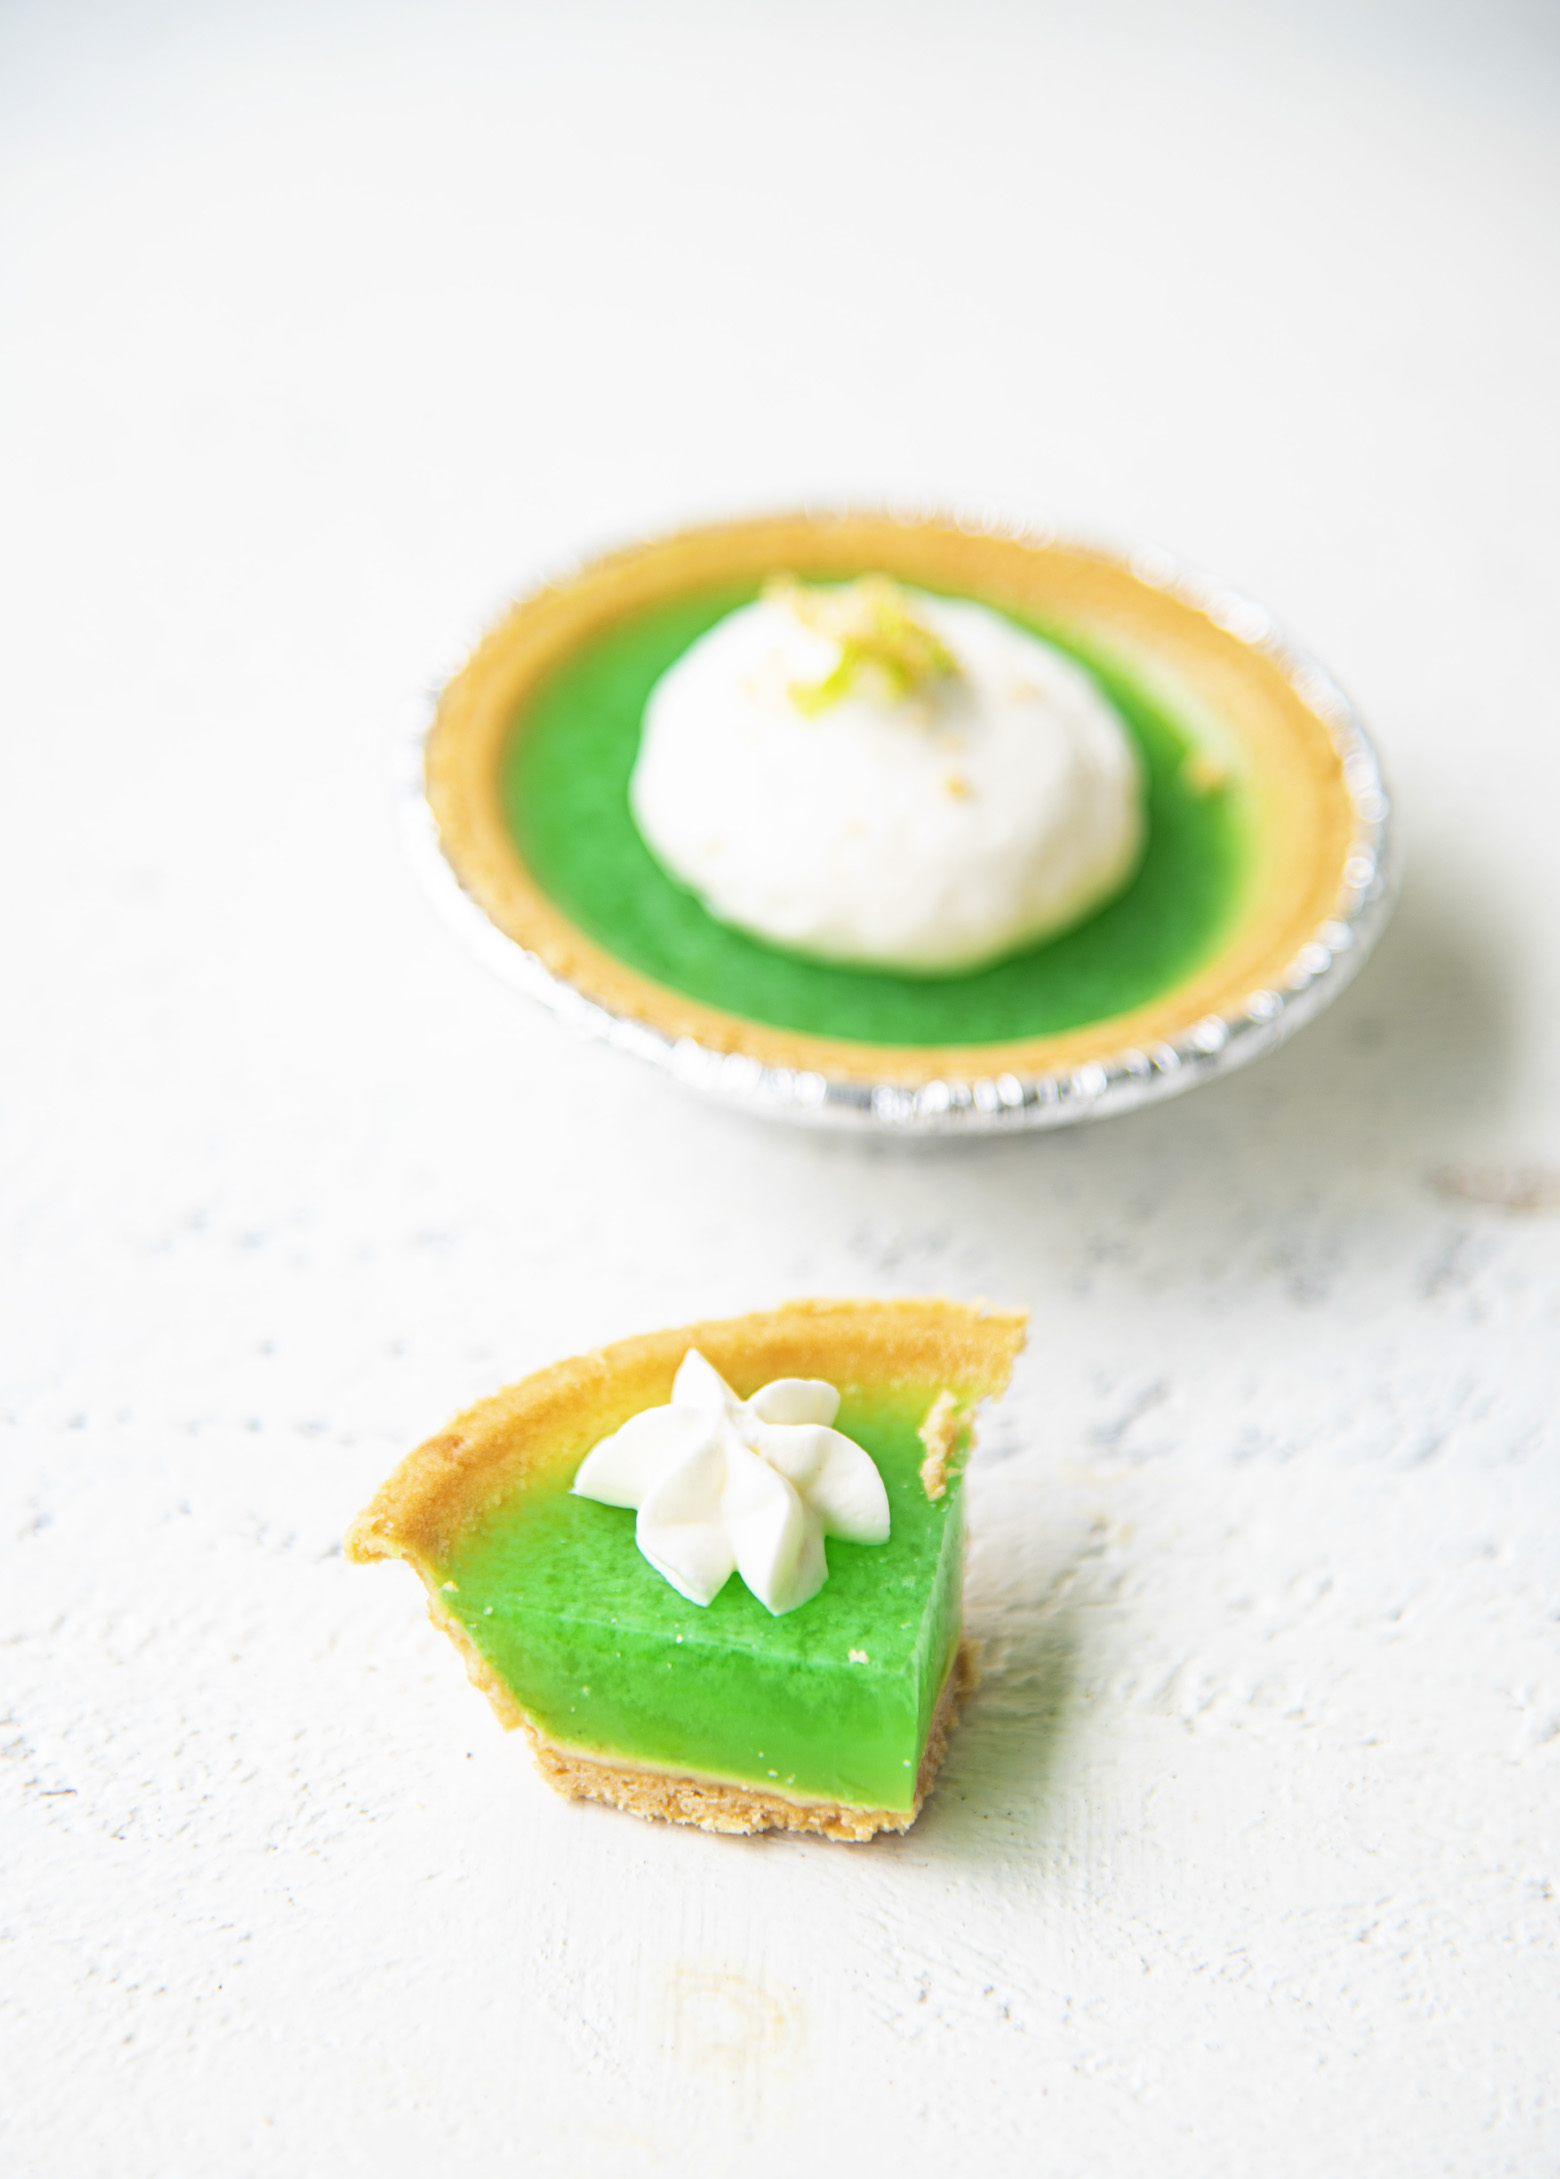 Key Lime Pie Jell-O Shots